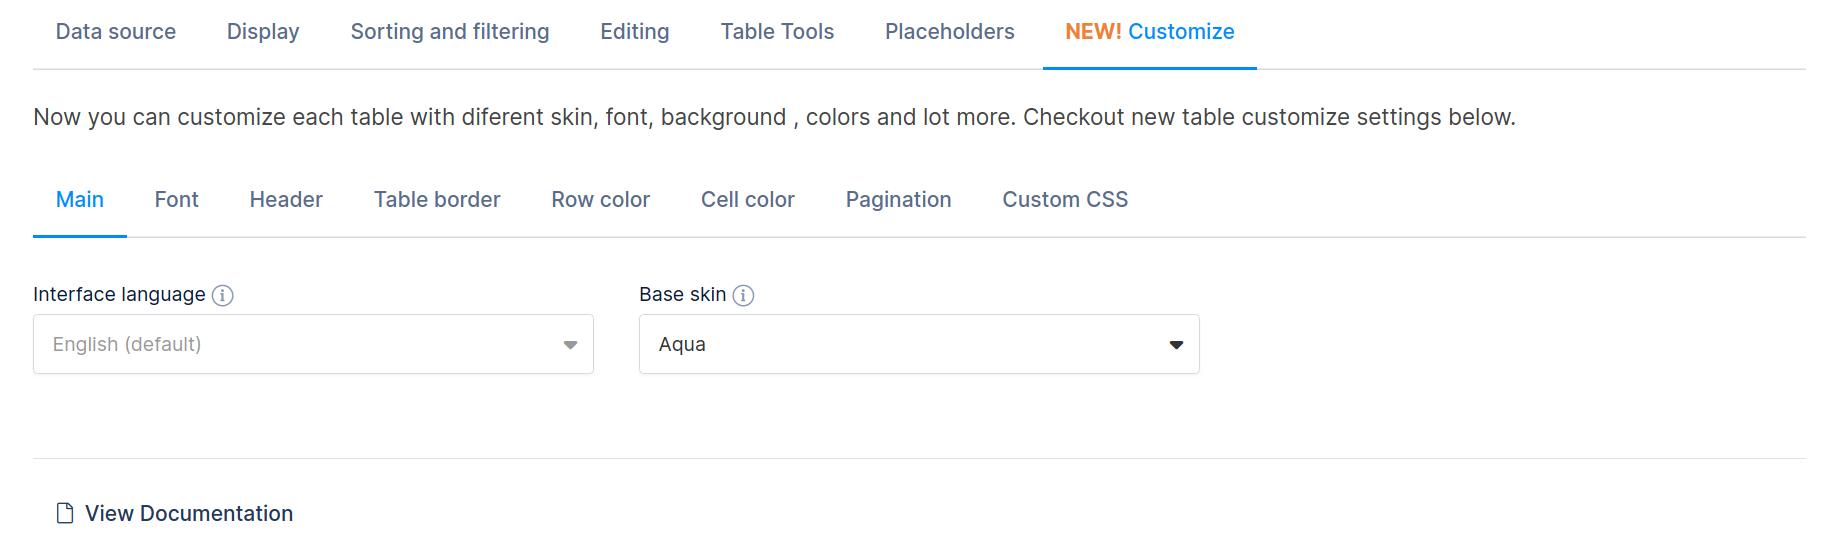 Customize table in WordPress